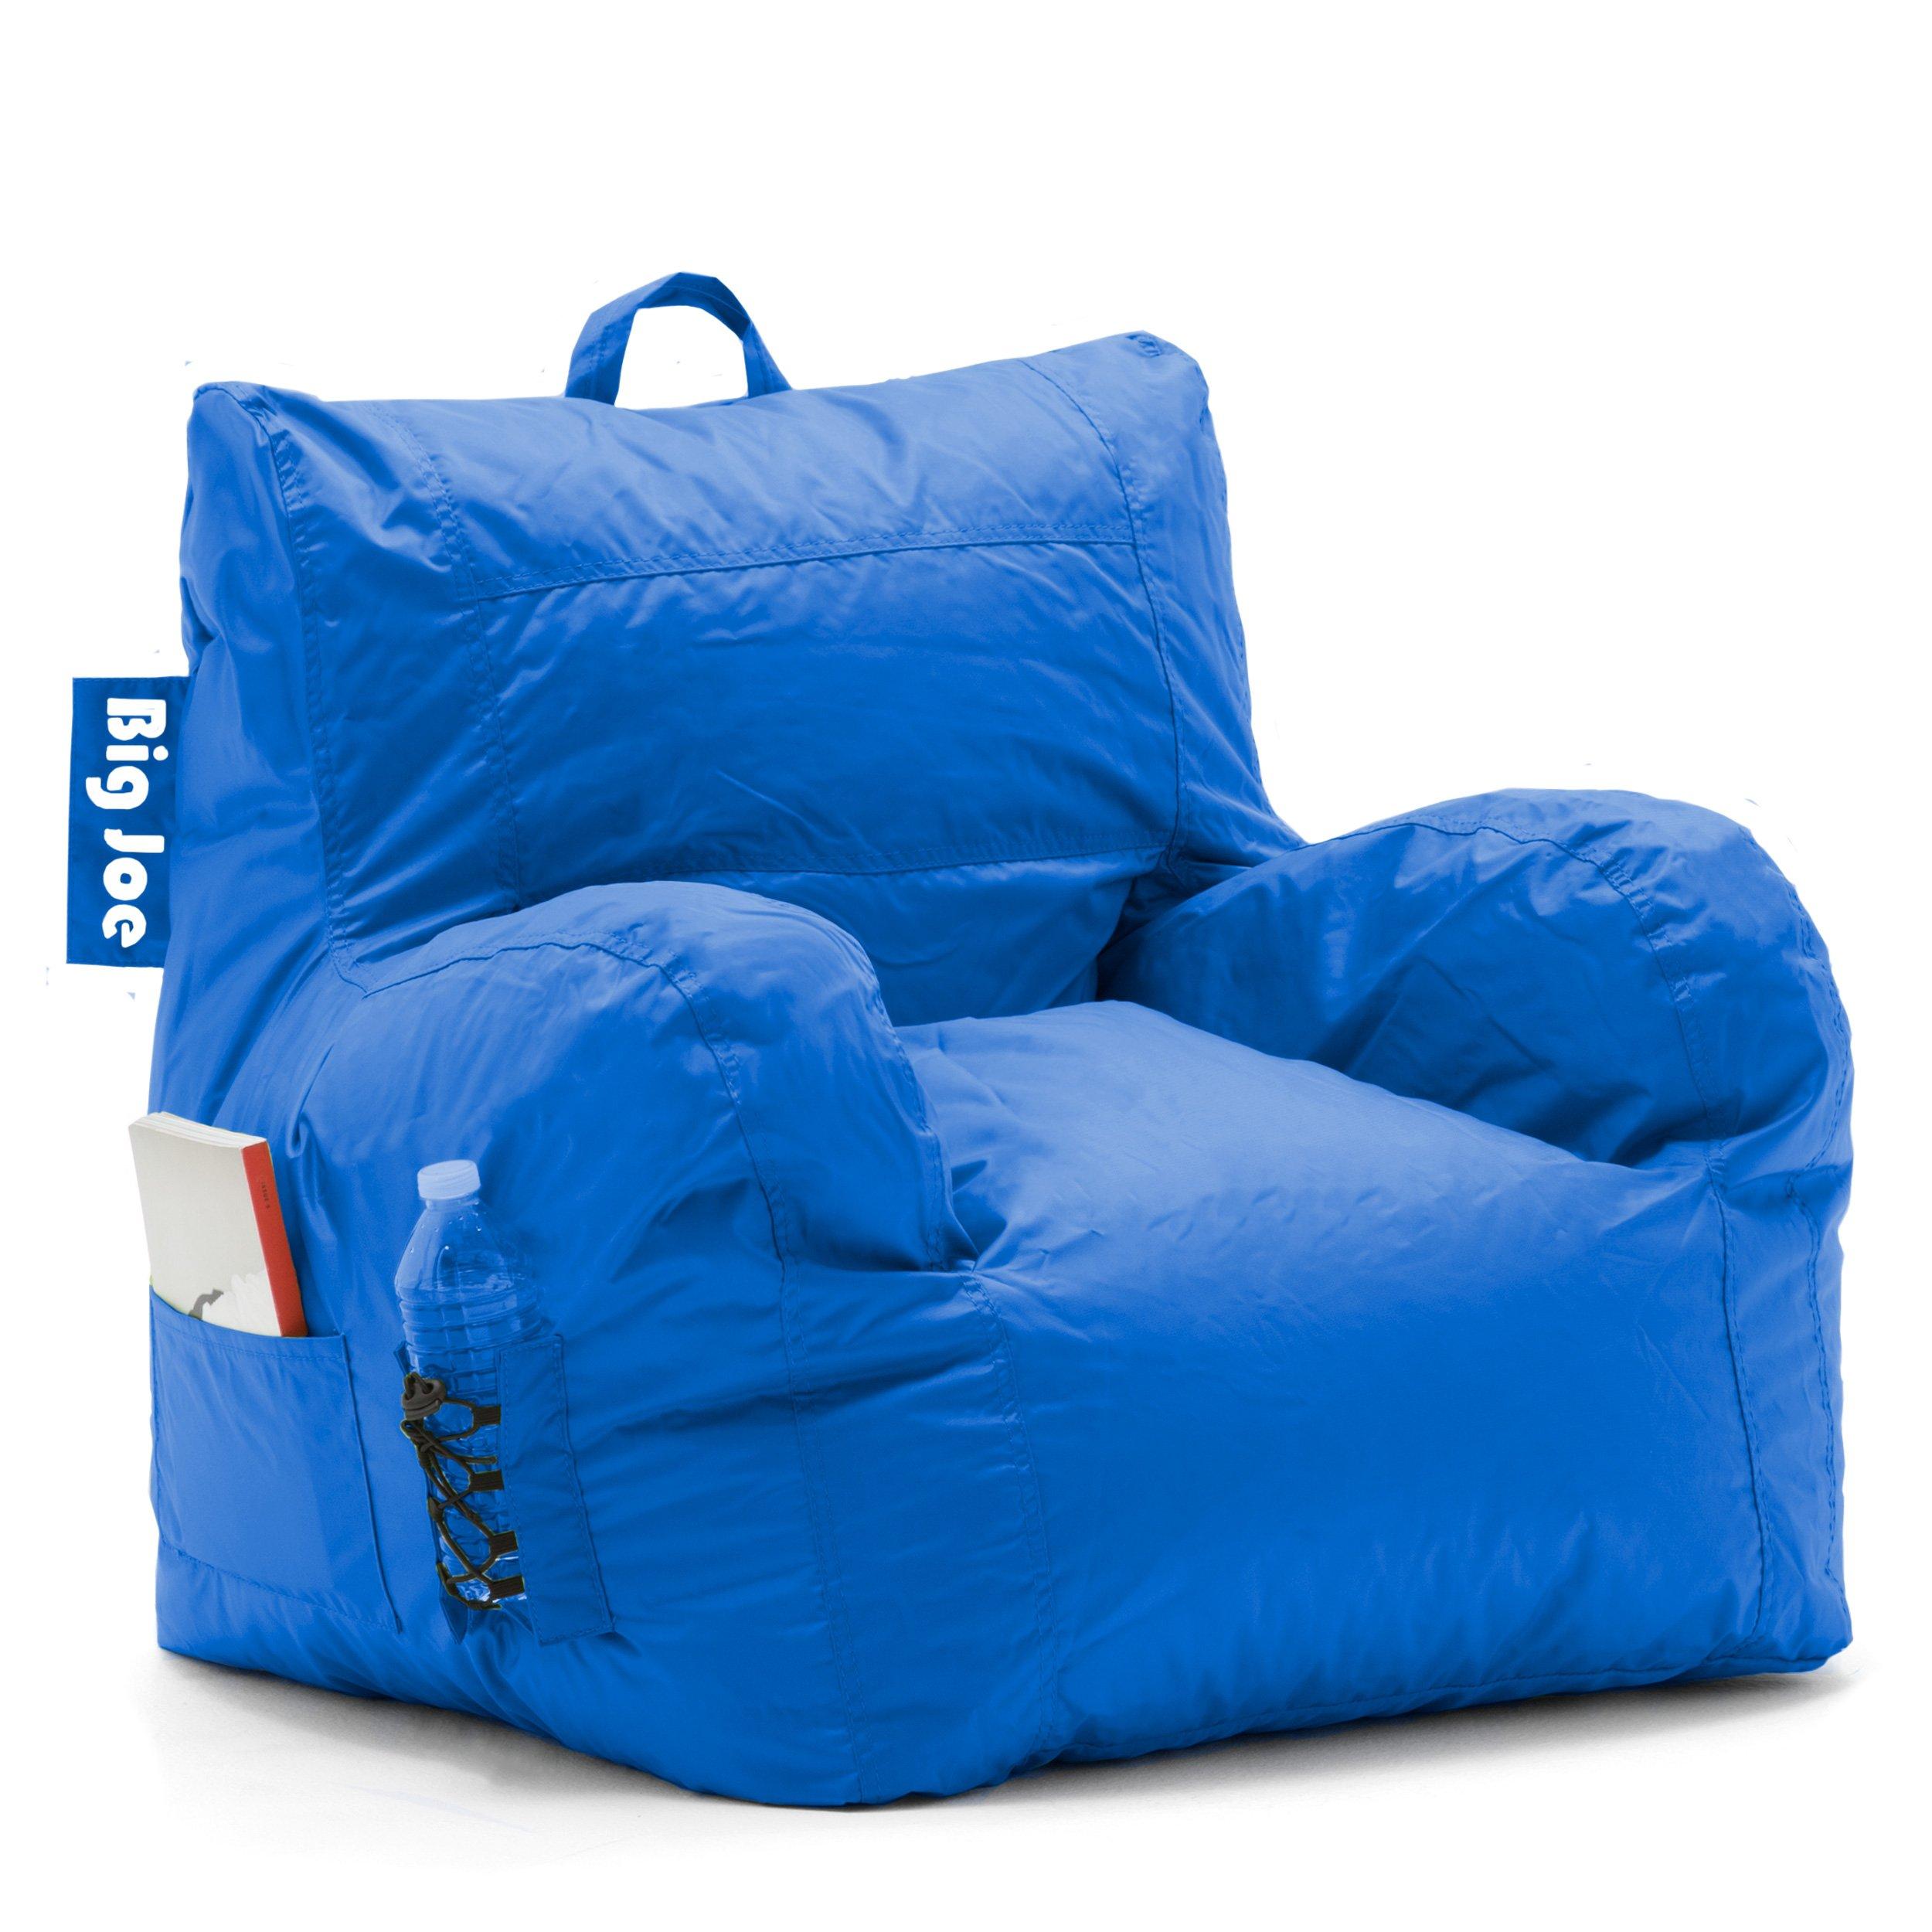 Big Joe 645614 Dorm Bean Bag Chair, Sapphire Blue by Big Joe